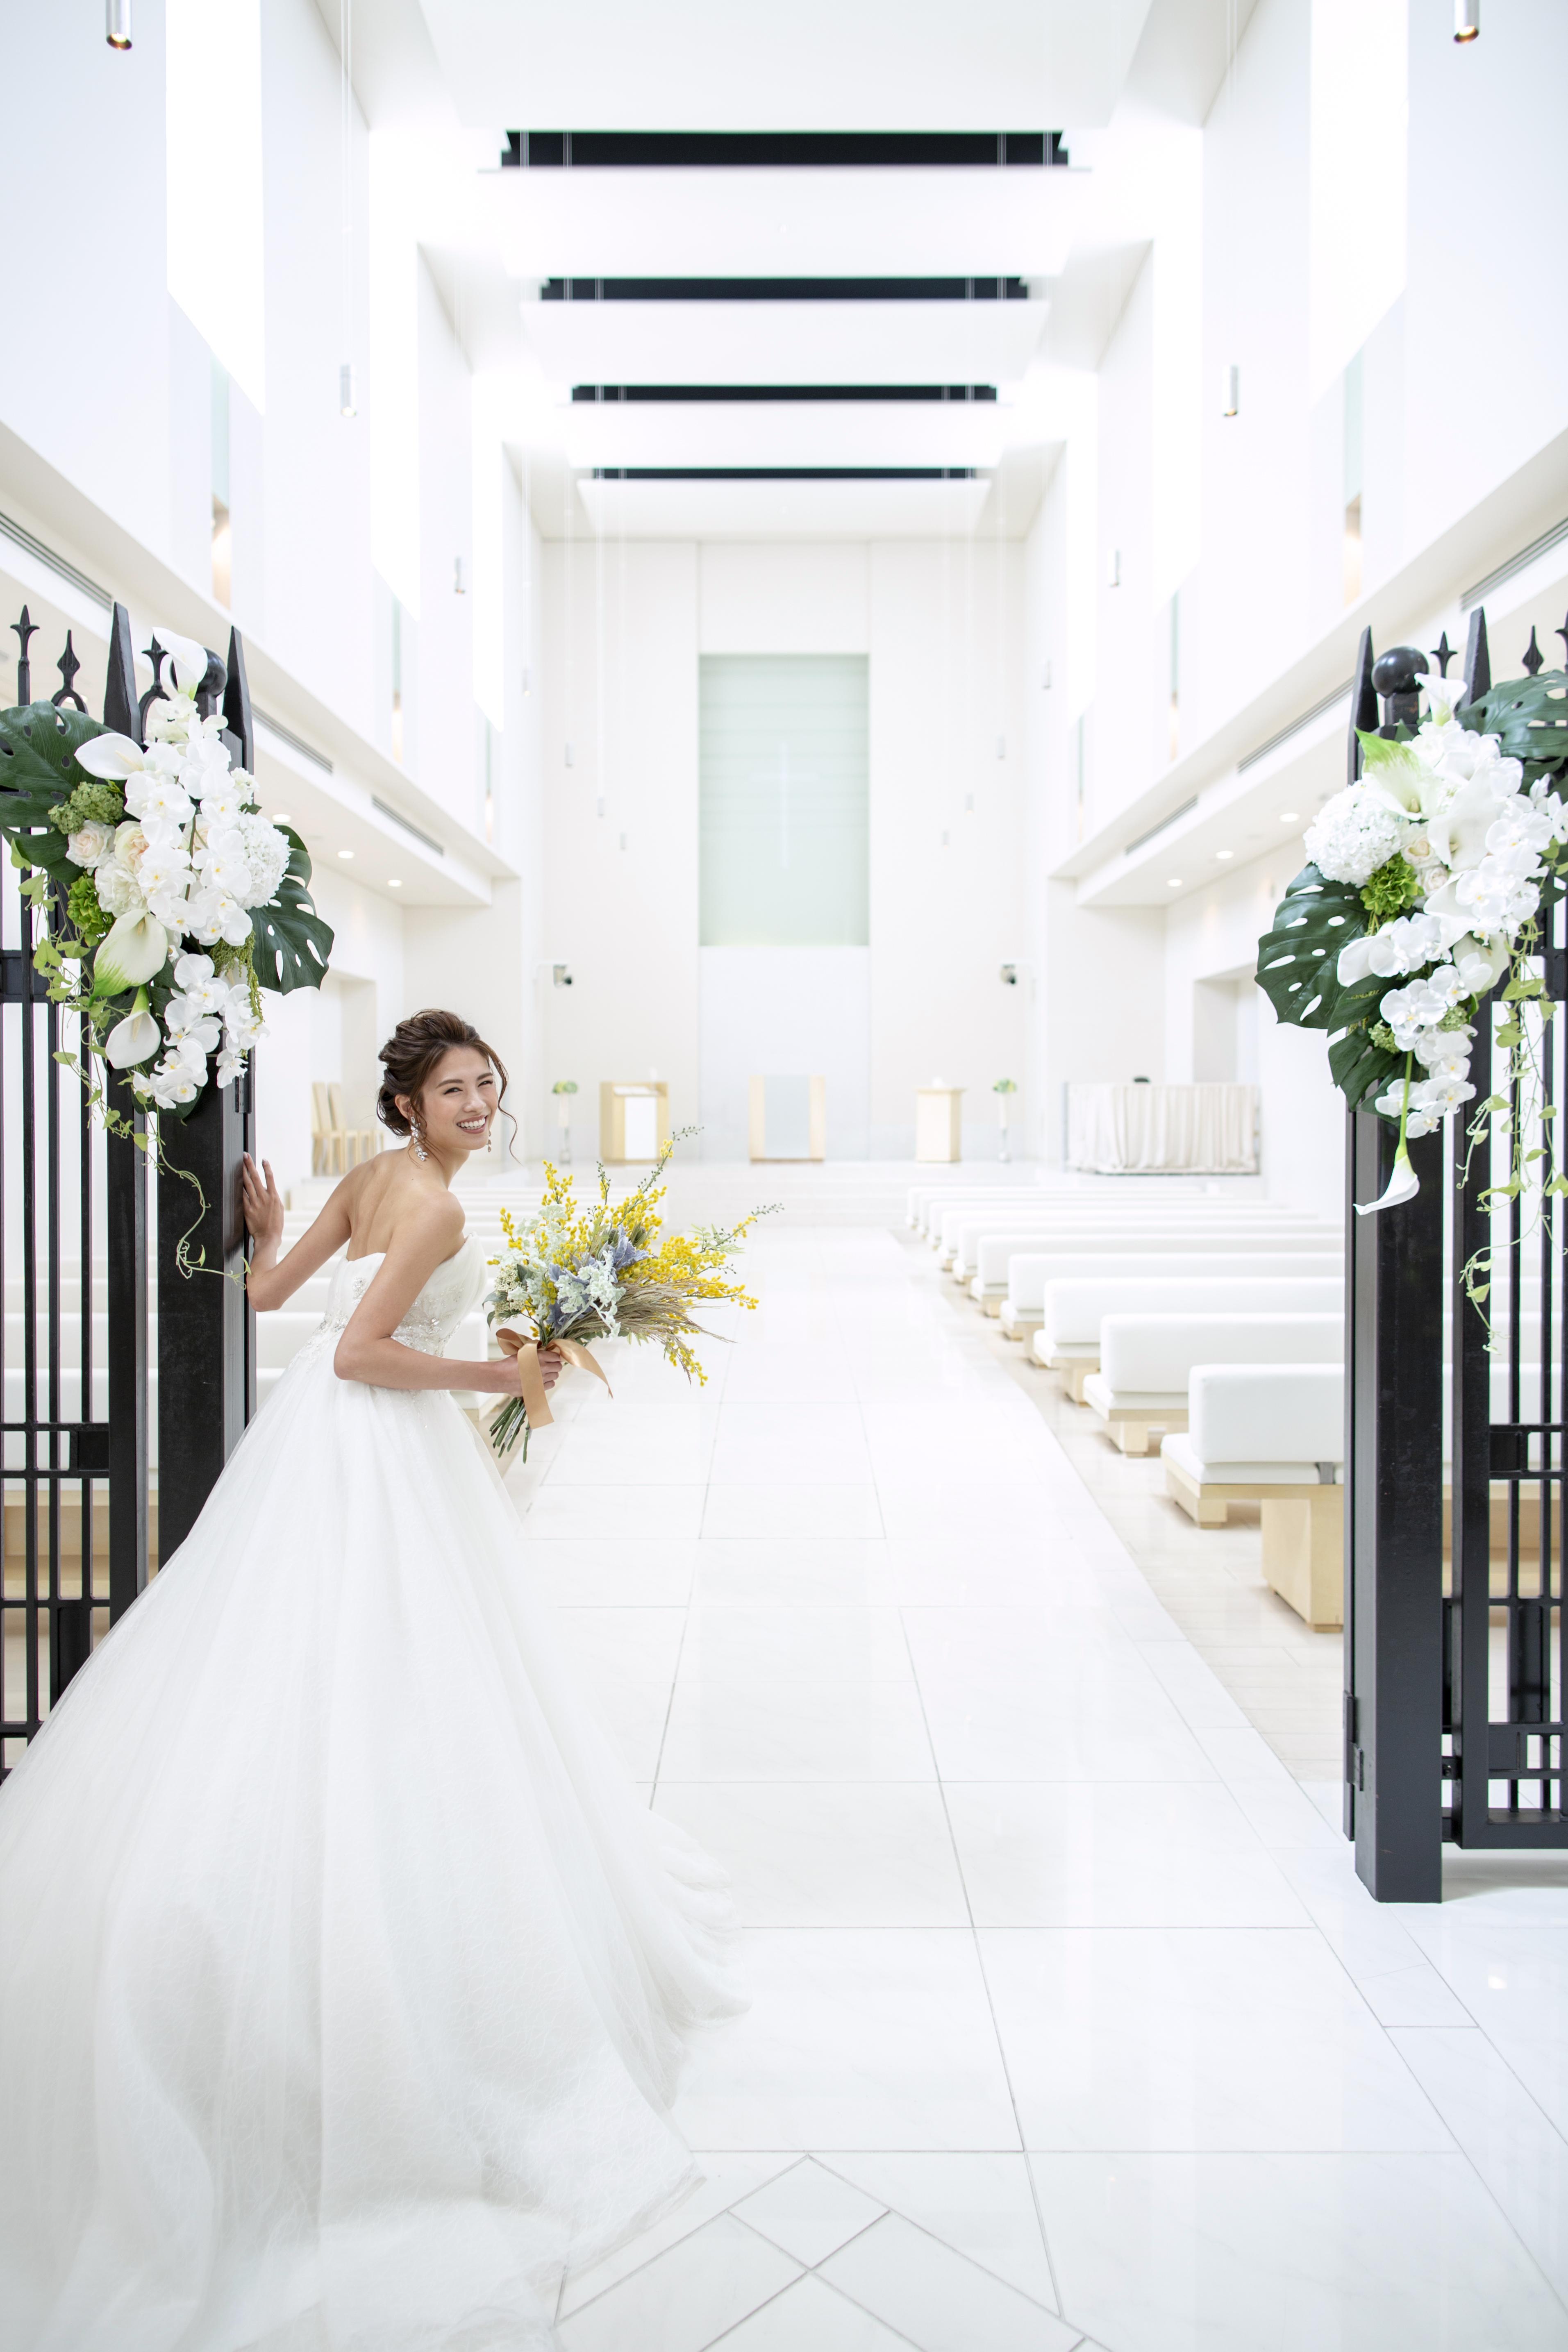 徳島市の結婚相談カウンター|hapihapi(ハピハピ)コンシェルジュ